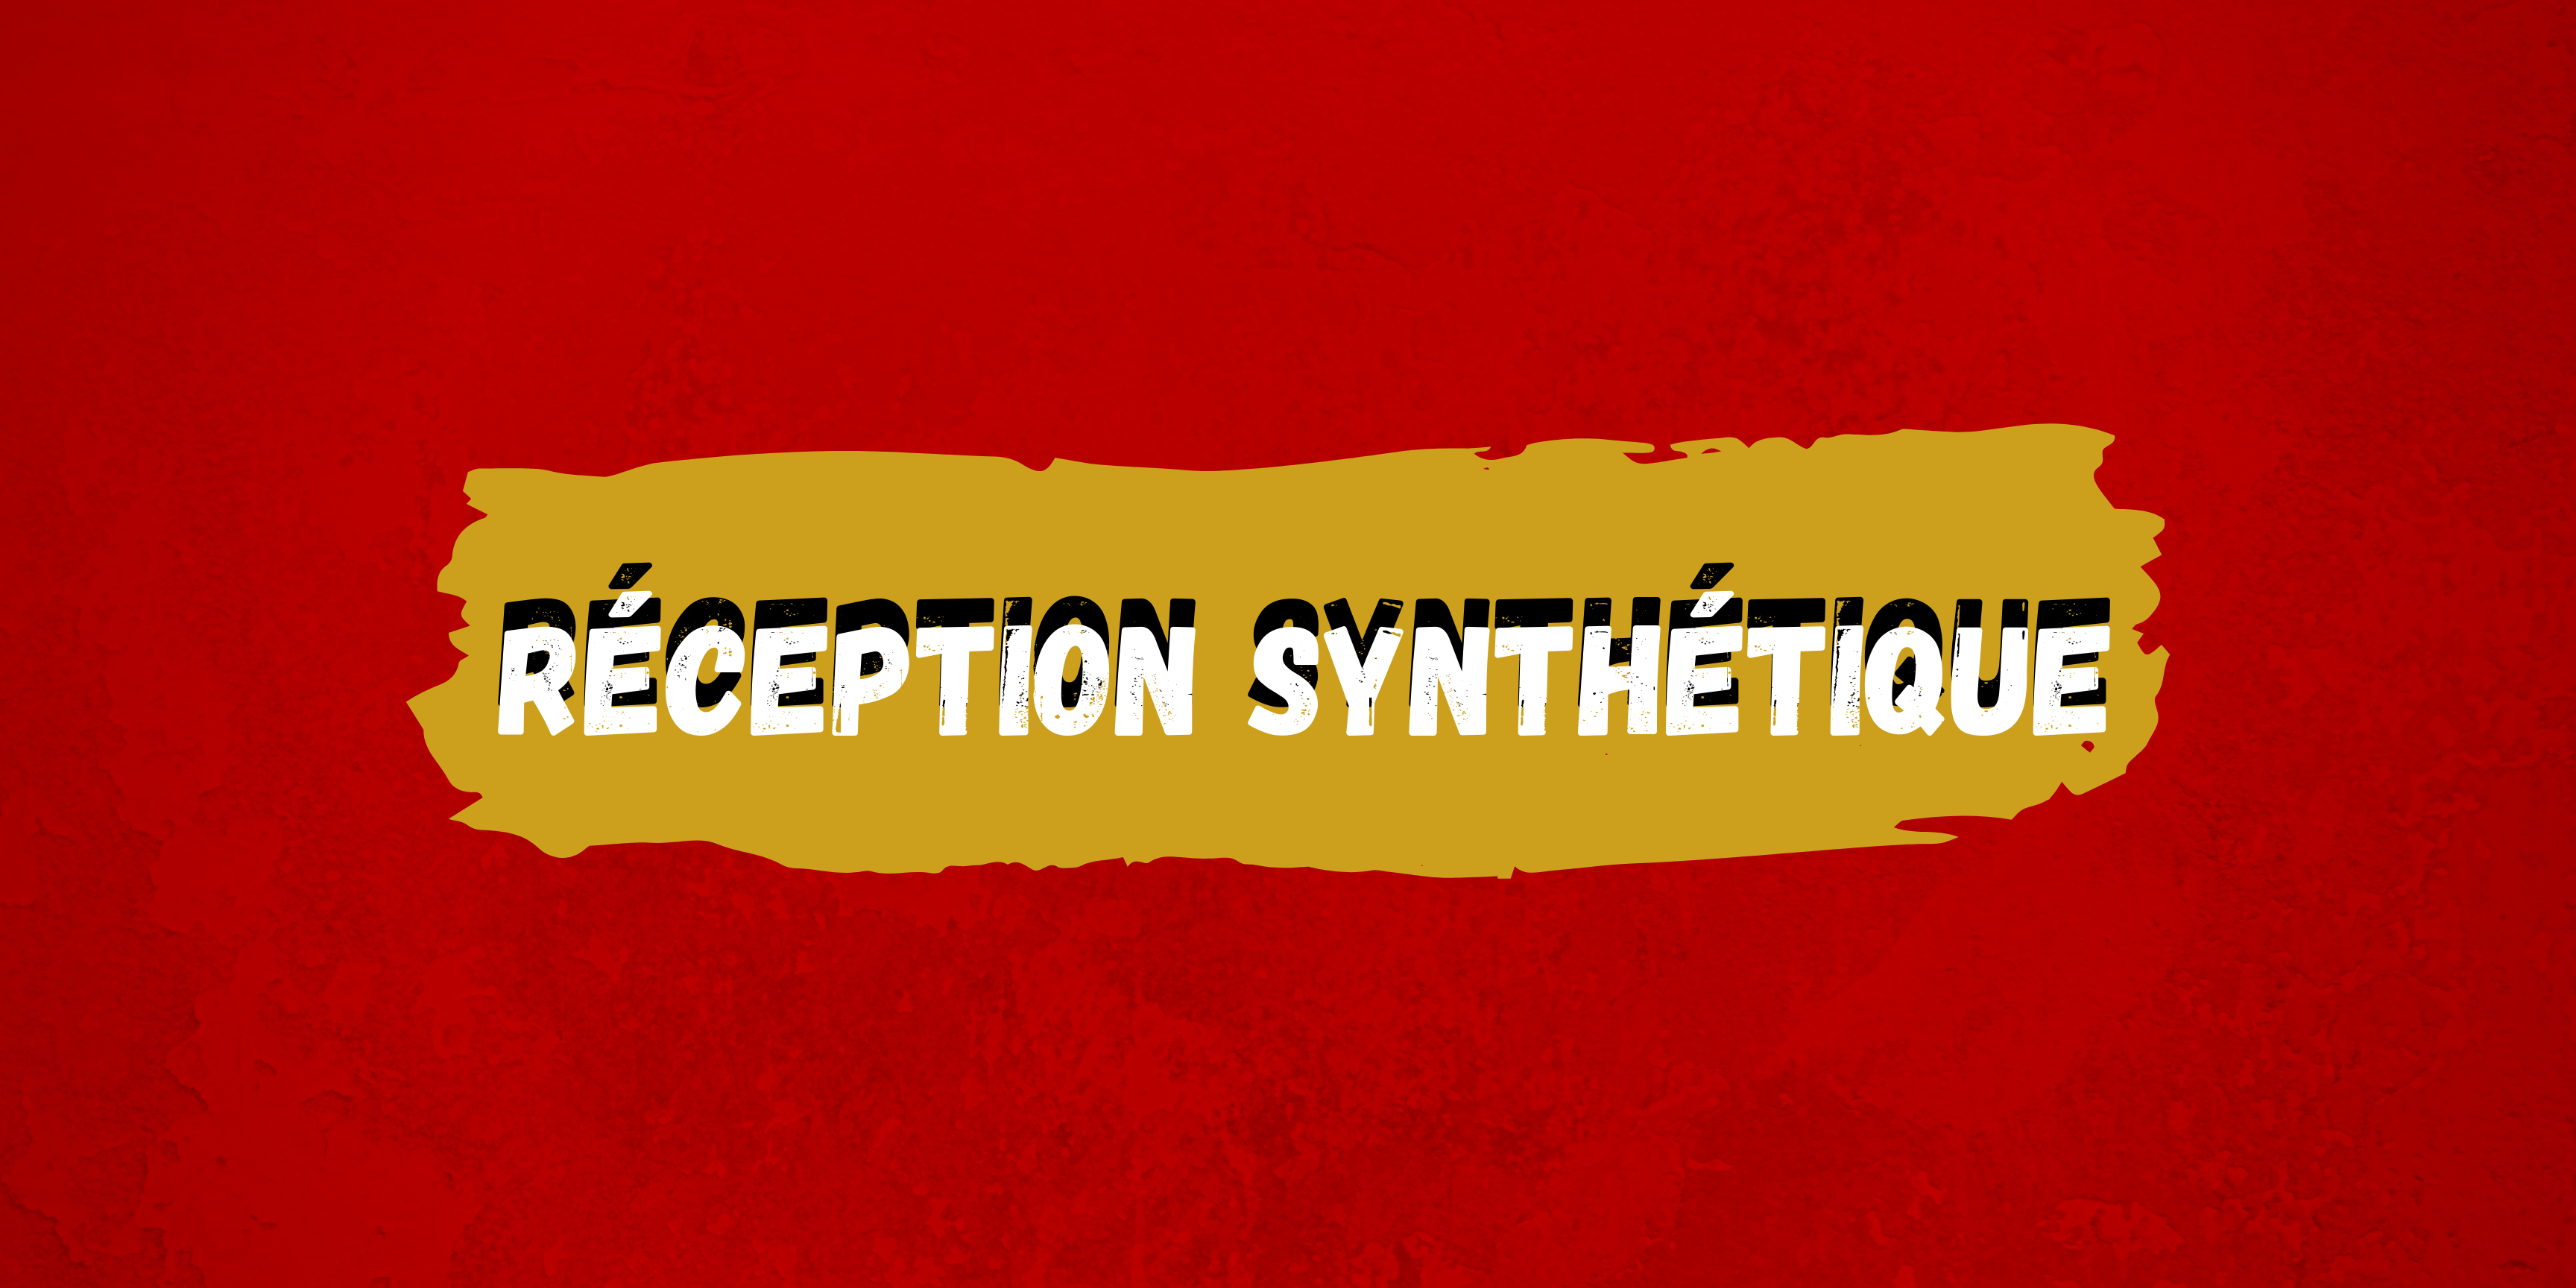 Réception du nouveau synthétique